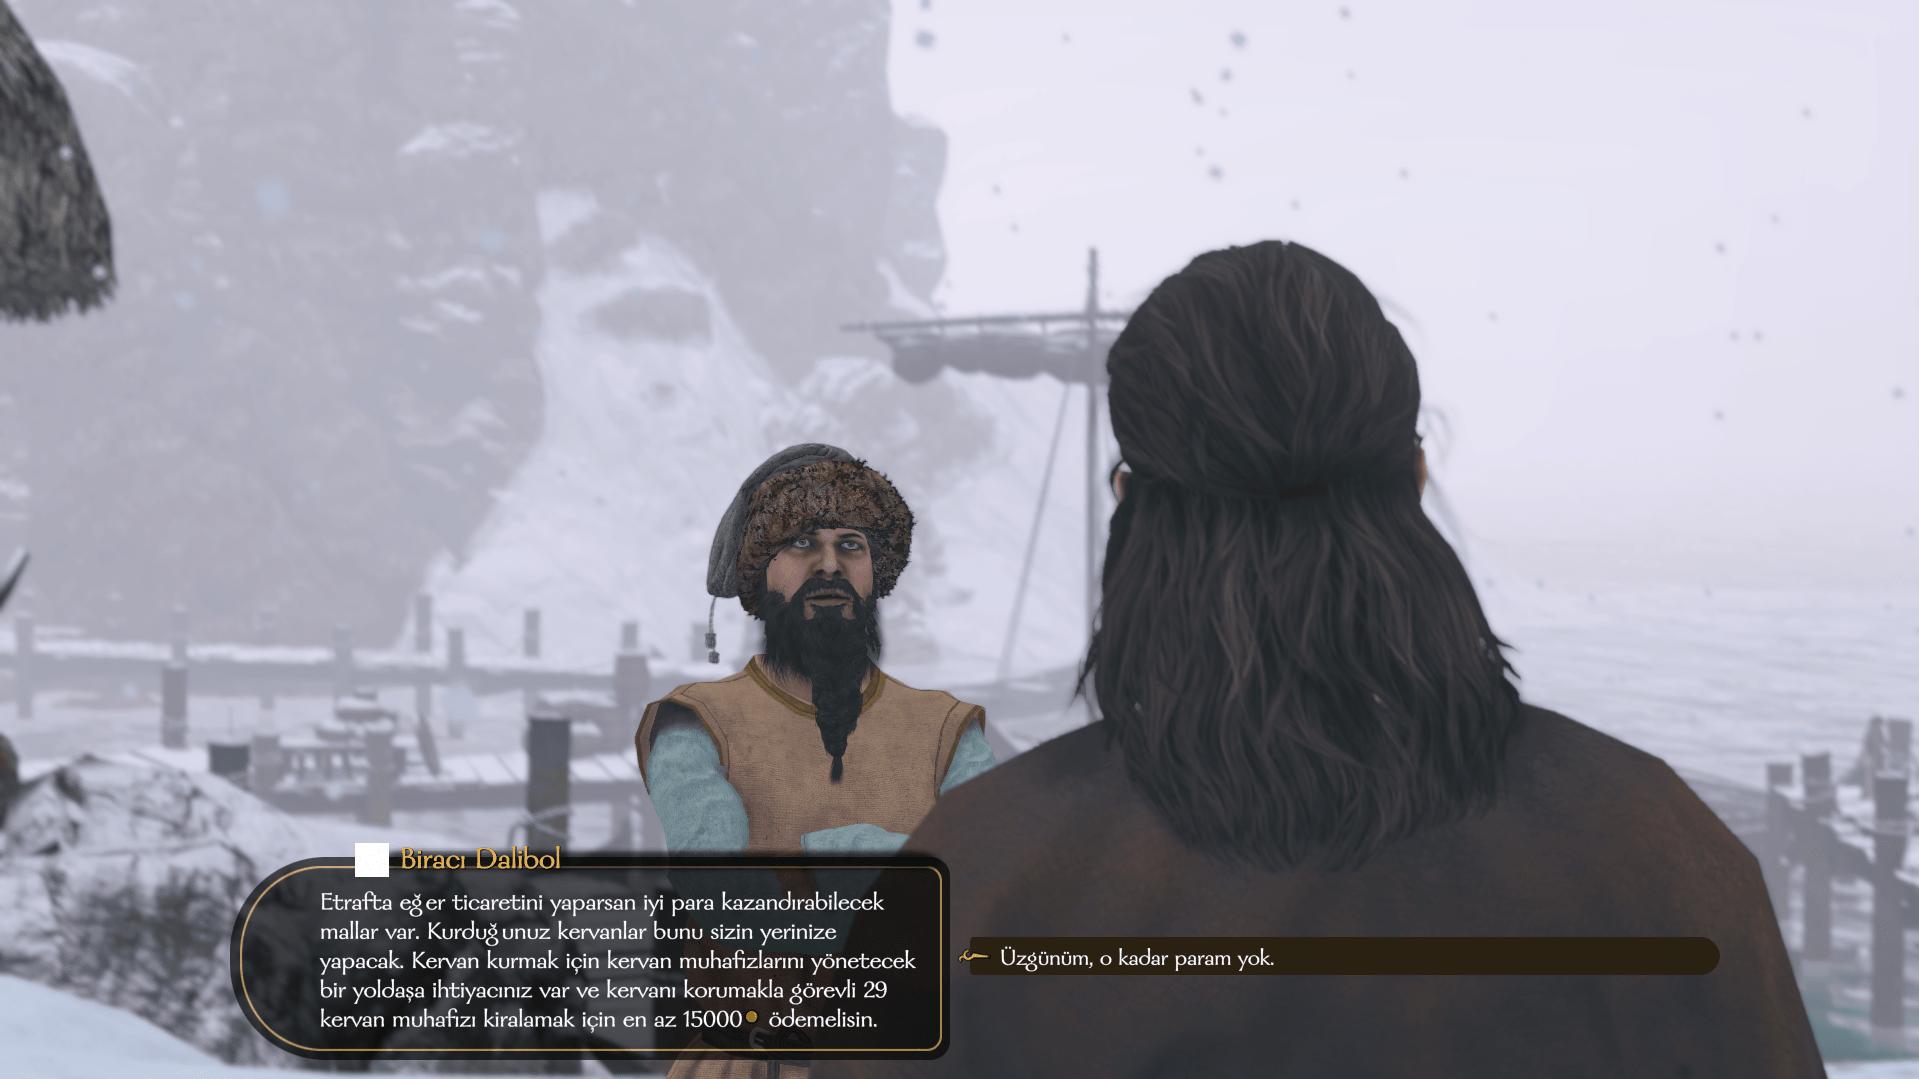 Bannerlord yoldaşlar ile kervan kurmak